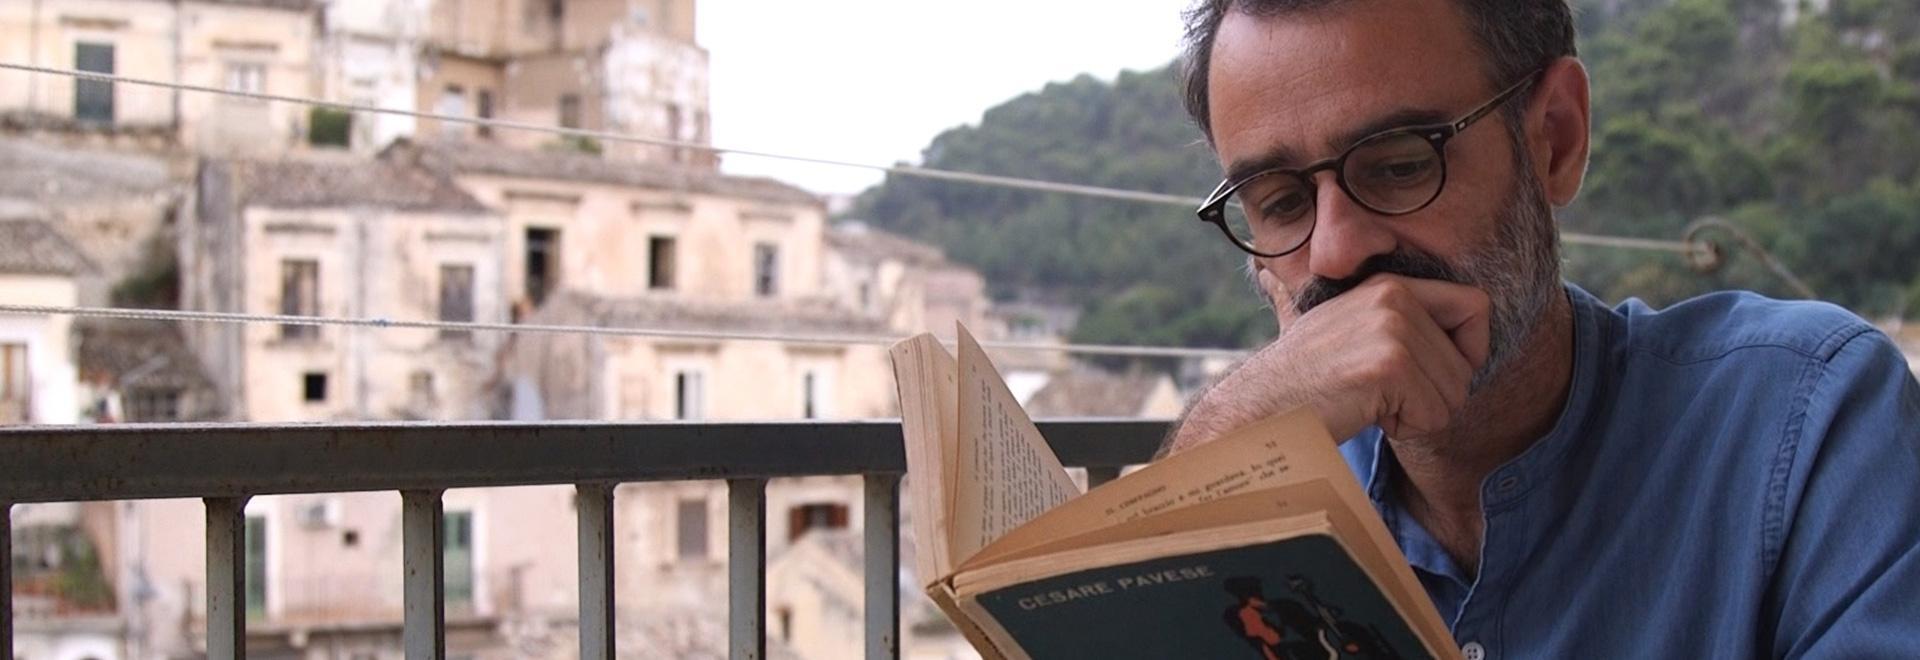 Carlo, il lettore ingegnoso